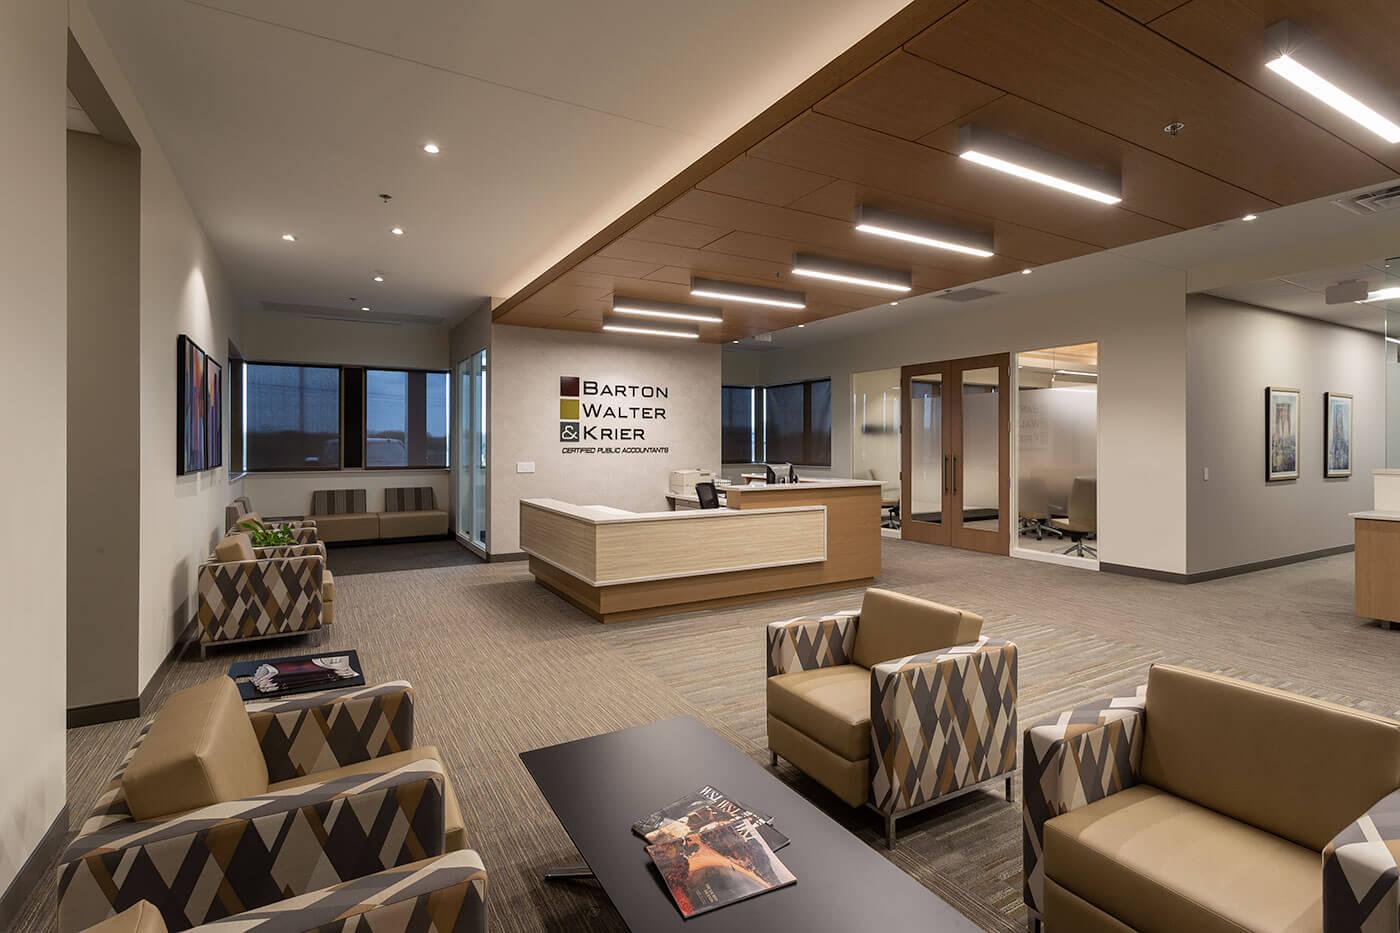 Barton, Walter, Krier office interior design | Mohagen Hansen